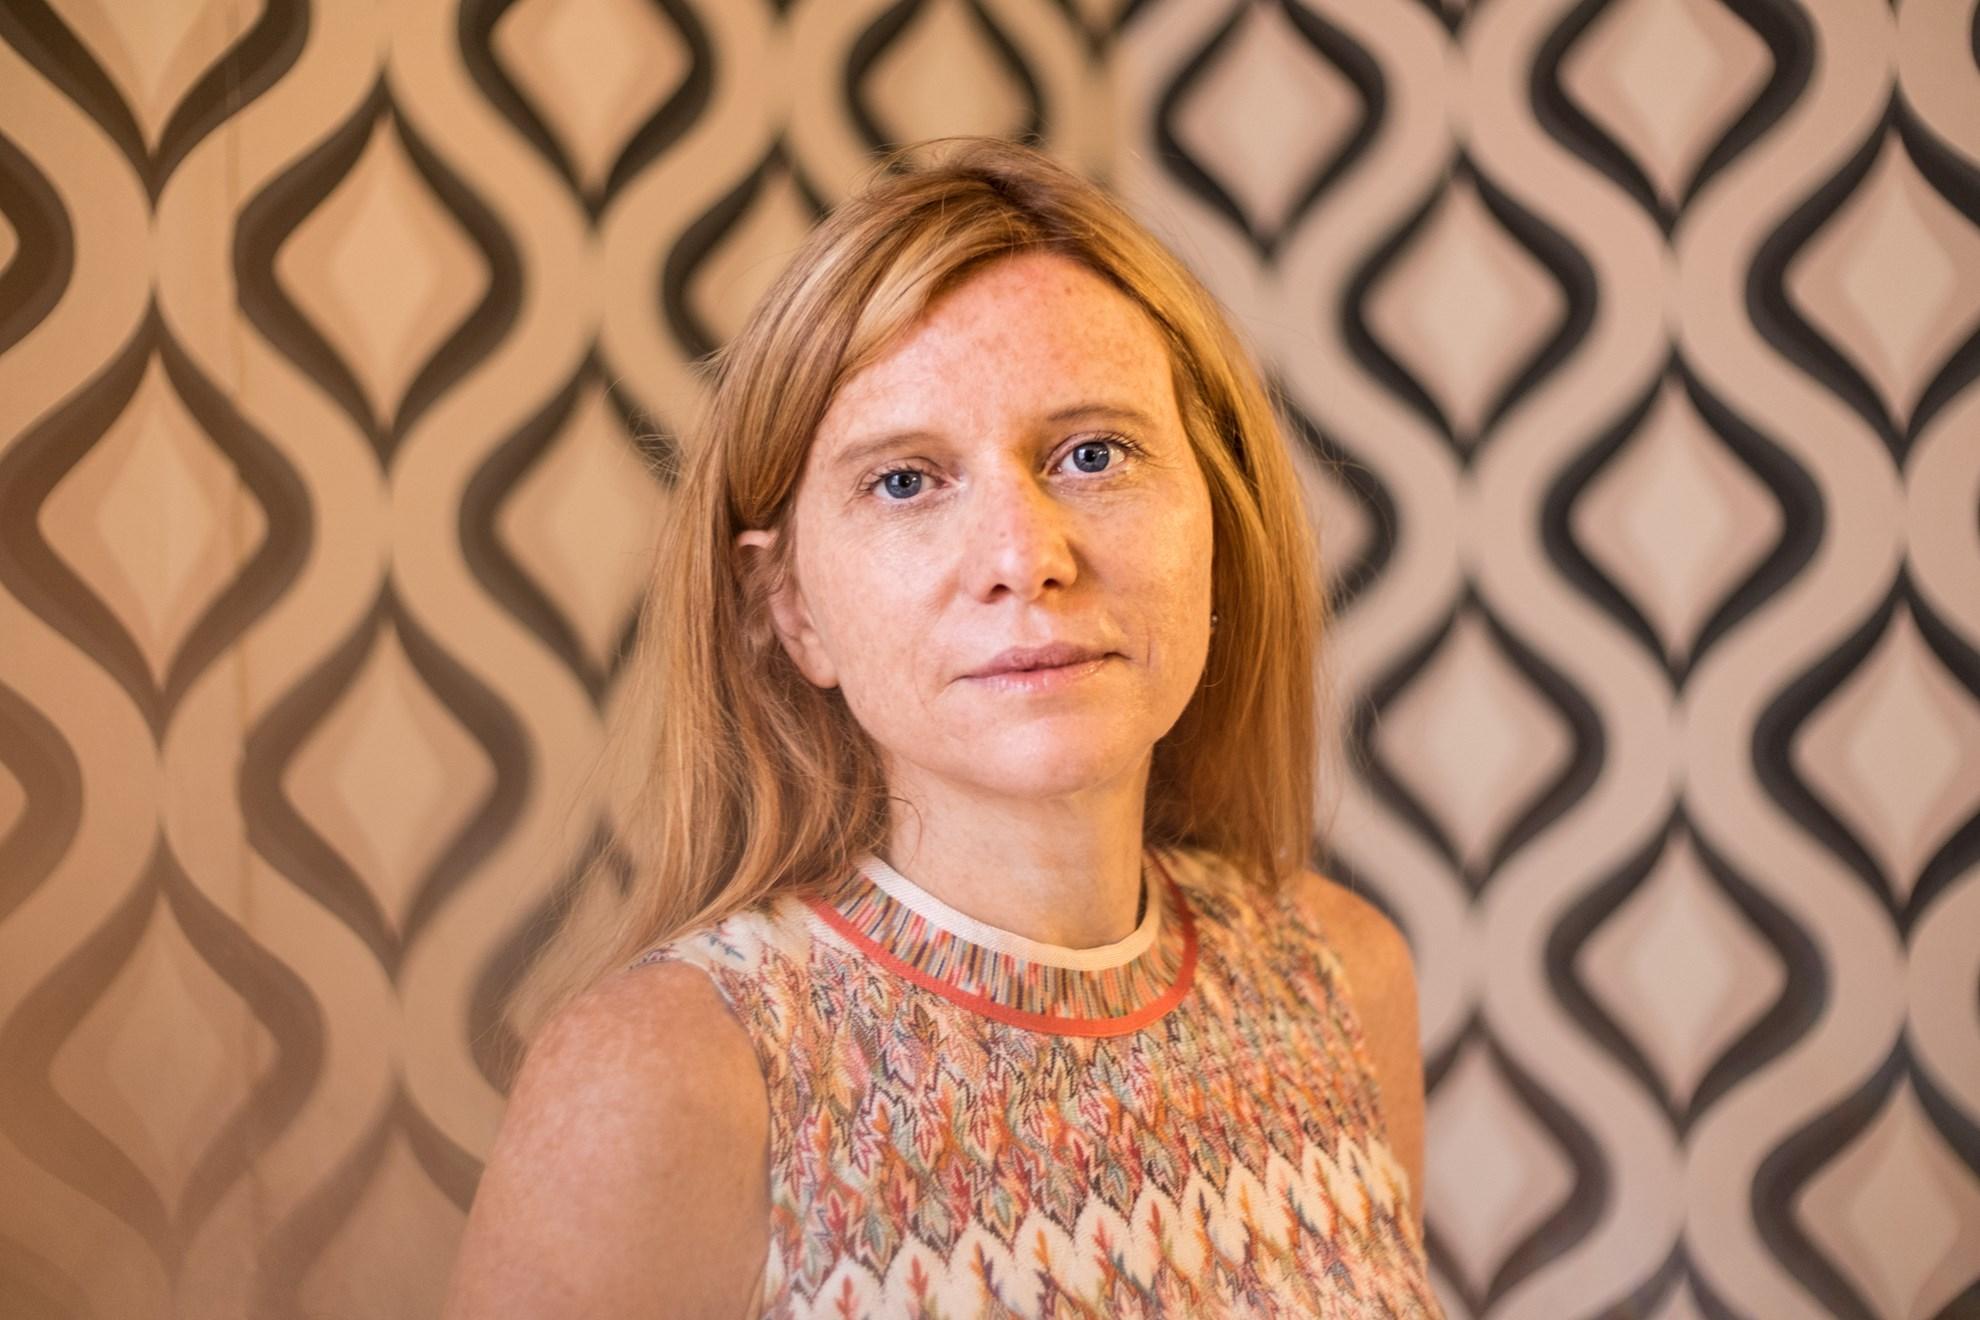 Picture of Susanna Nicchiarelli Presidente della Giuria della 67ma edizione del Taormina Film Fest